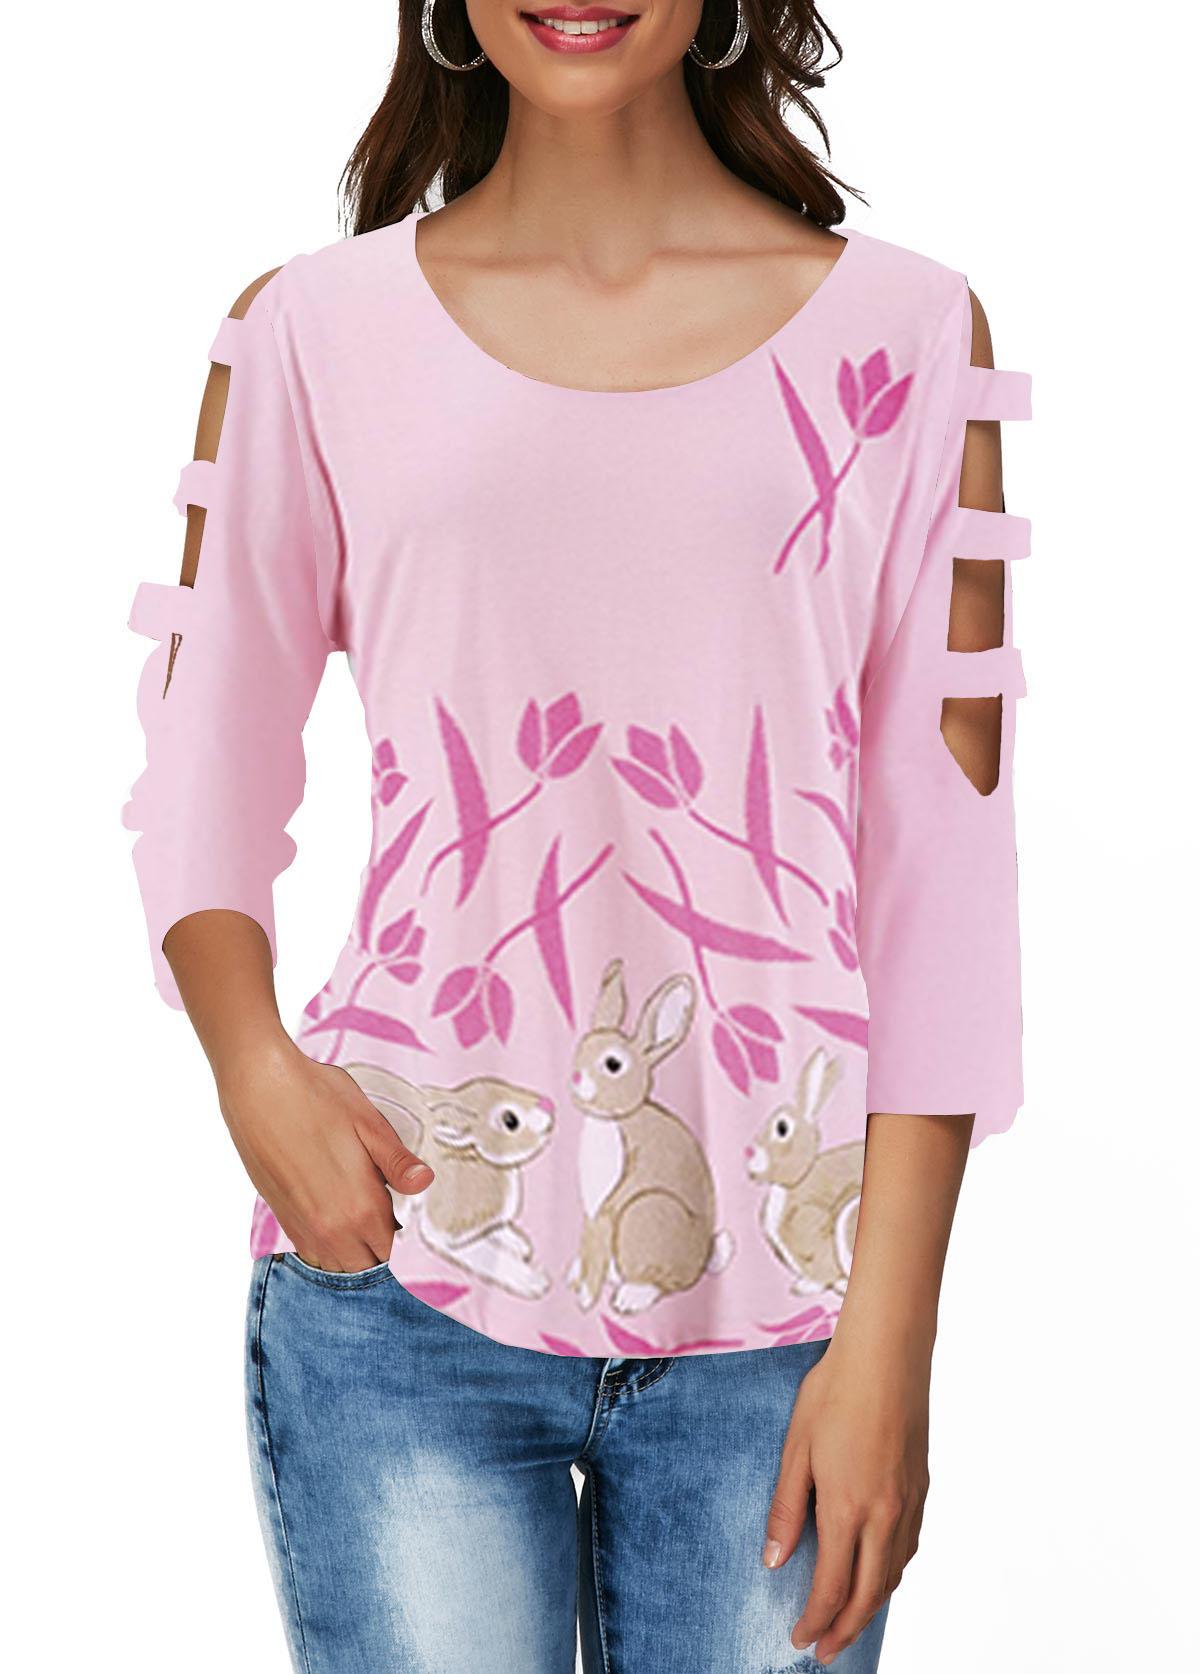 Cutout Sleeve Light Pink Easter Rabbit Print T Shirt